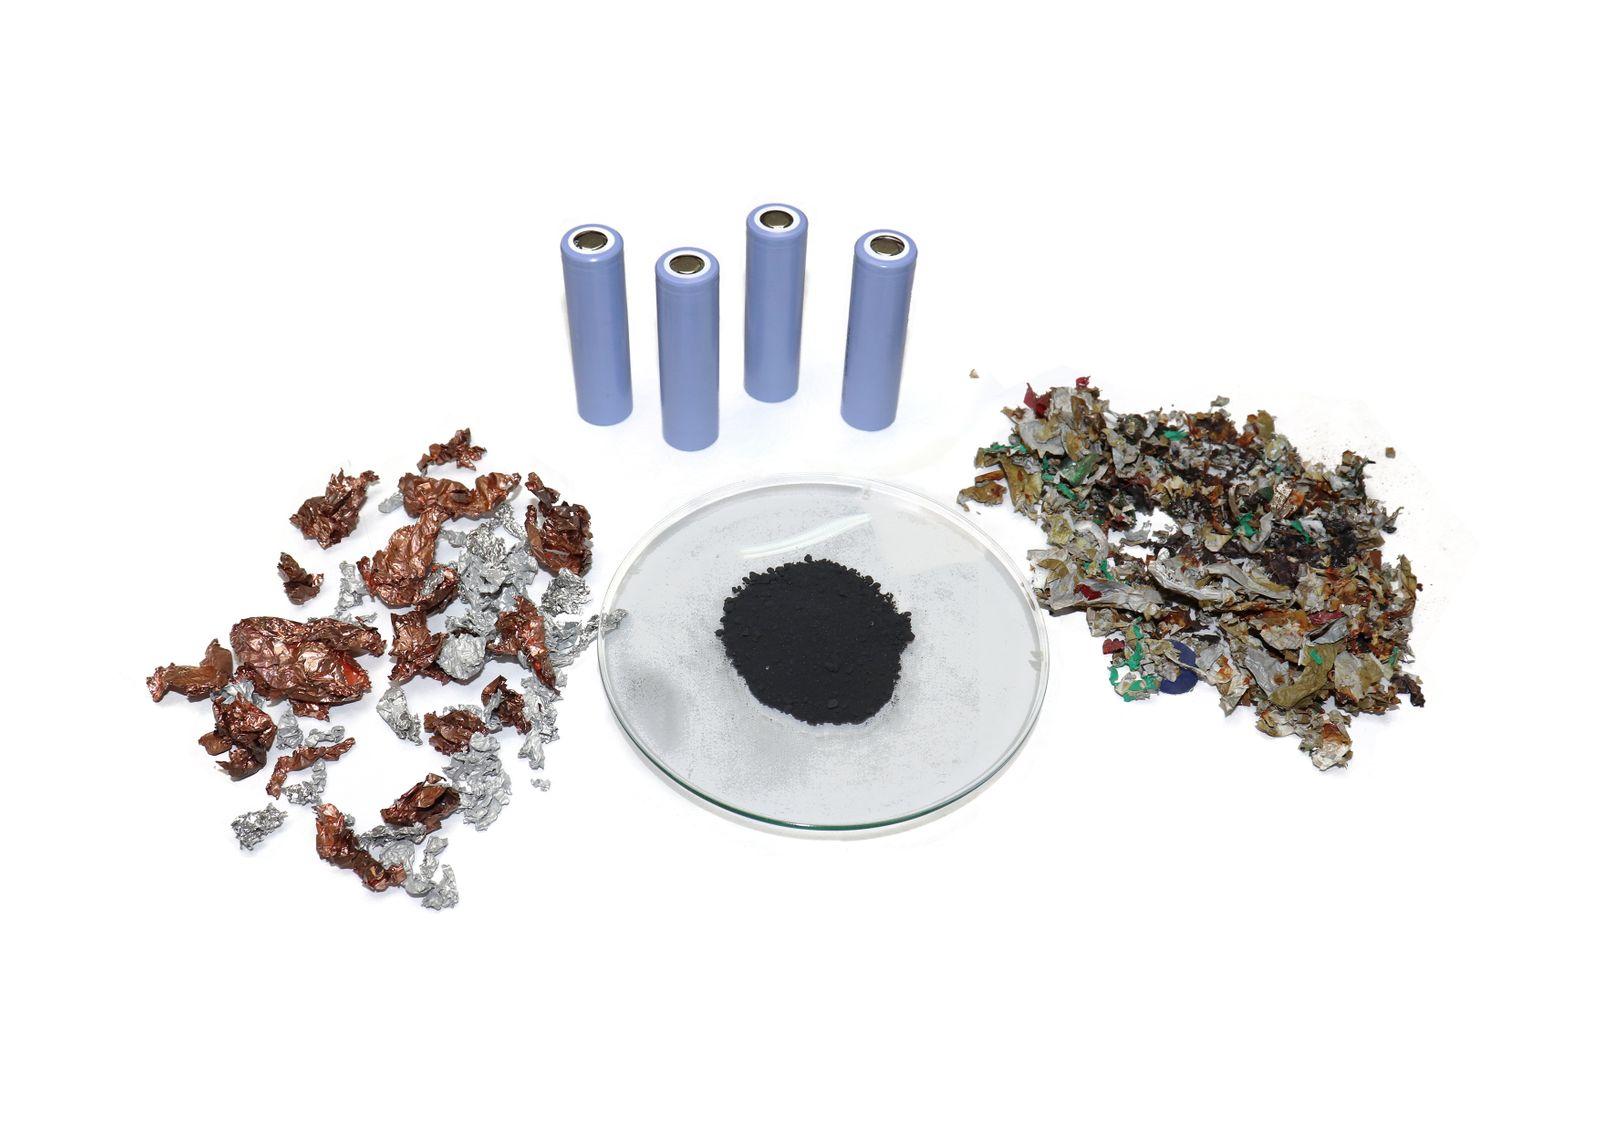 3 Fraktionen_Metall, Aktivmaterial, Kunststoff